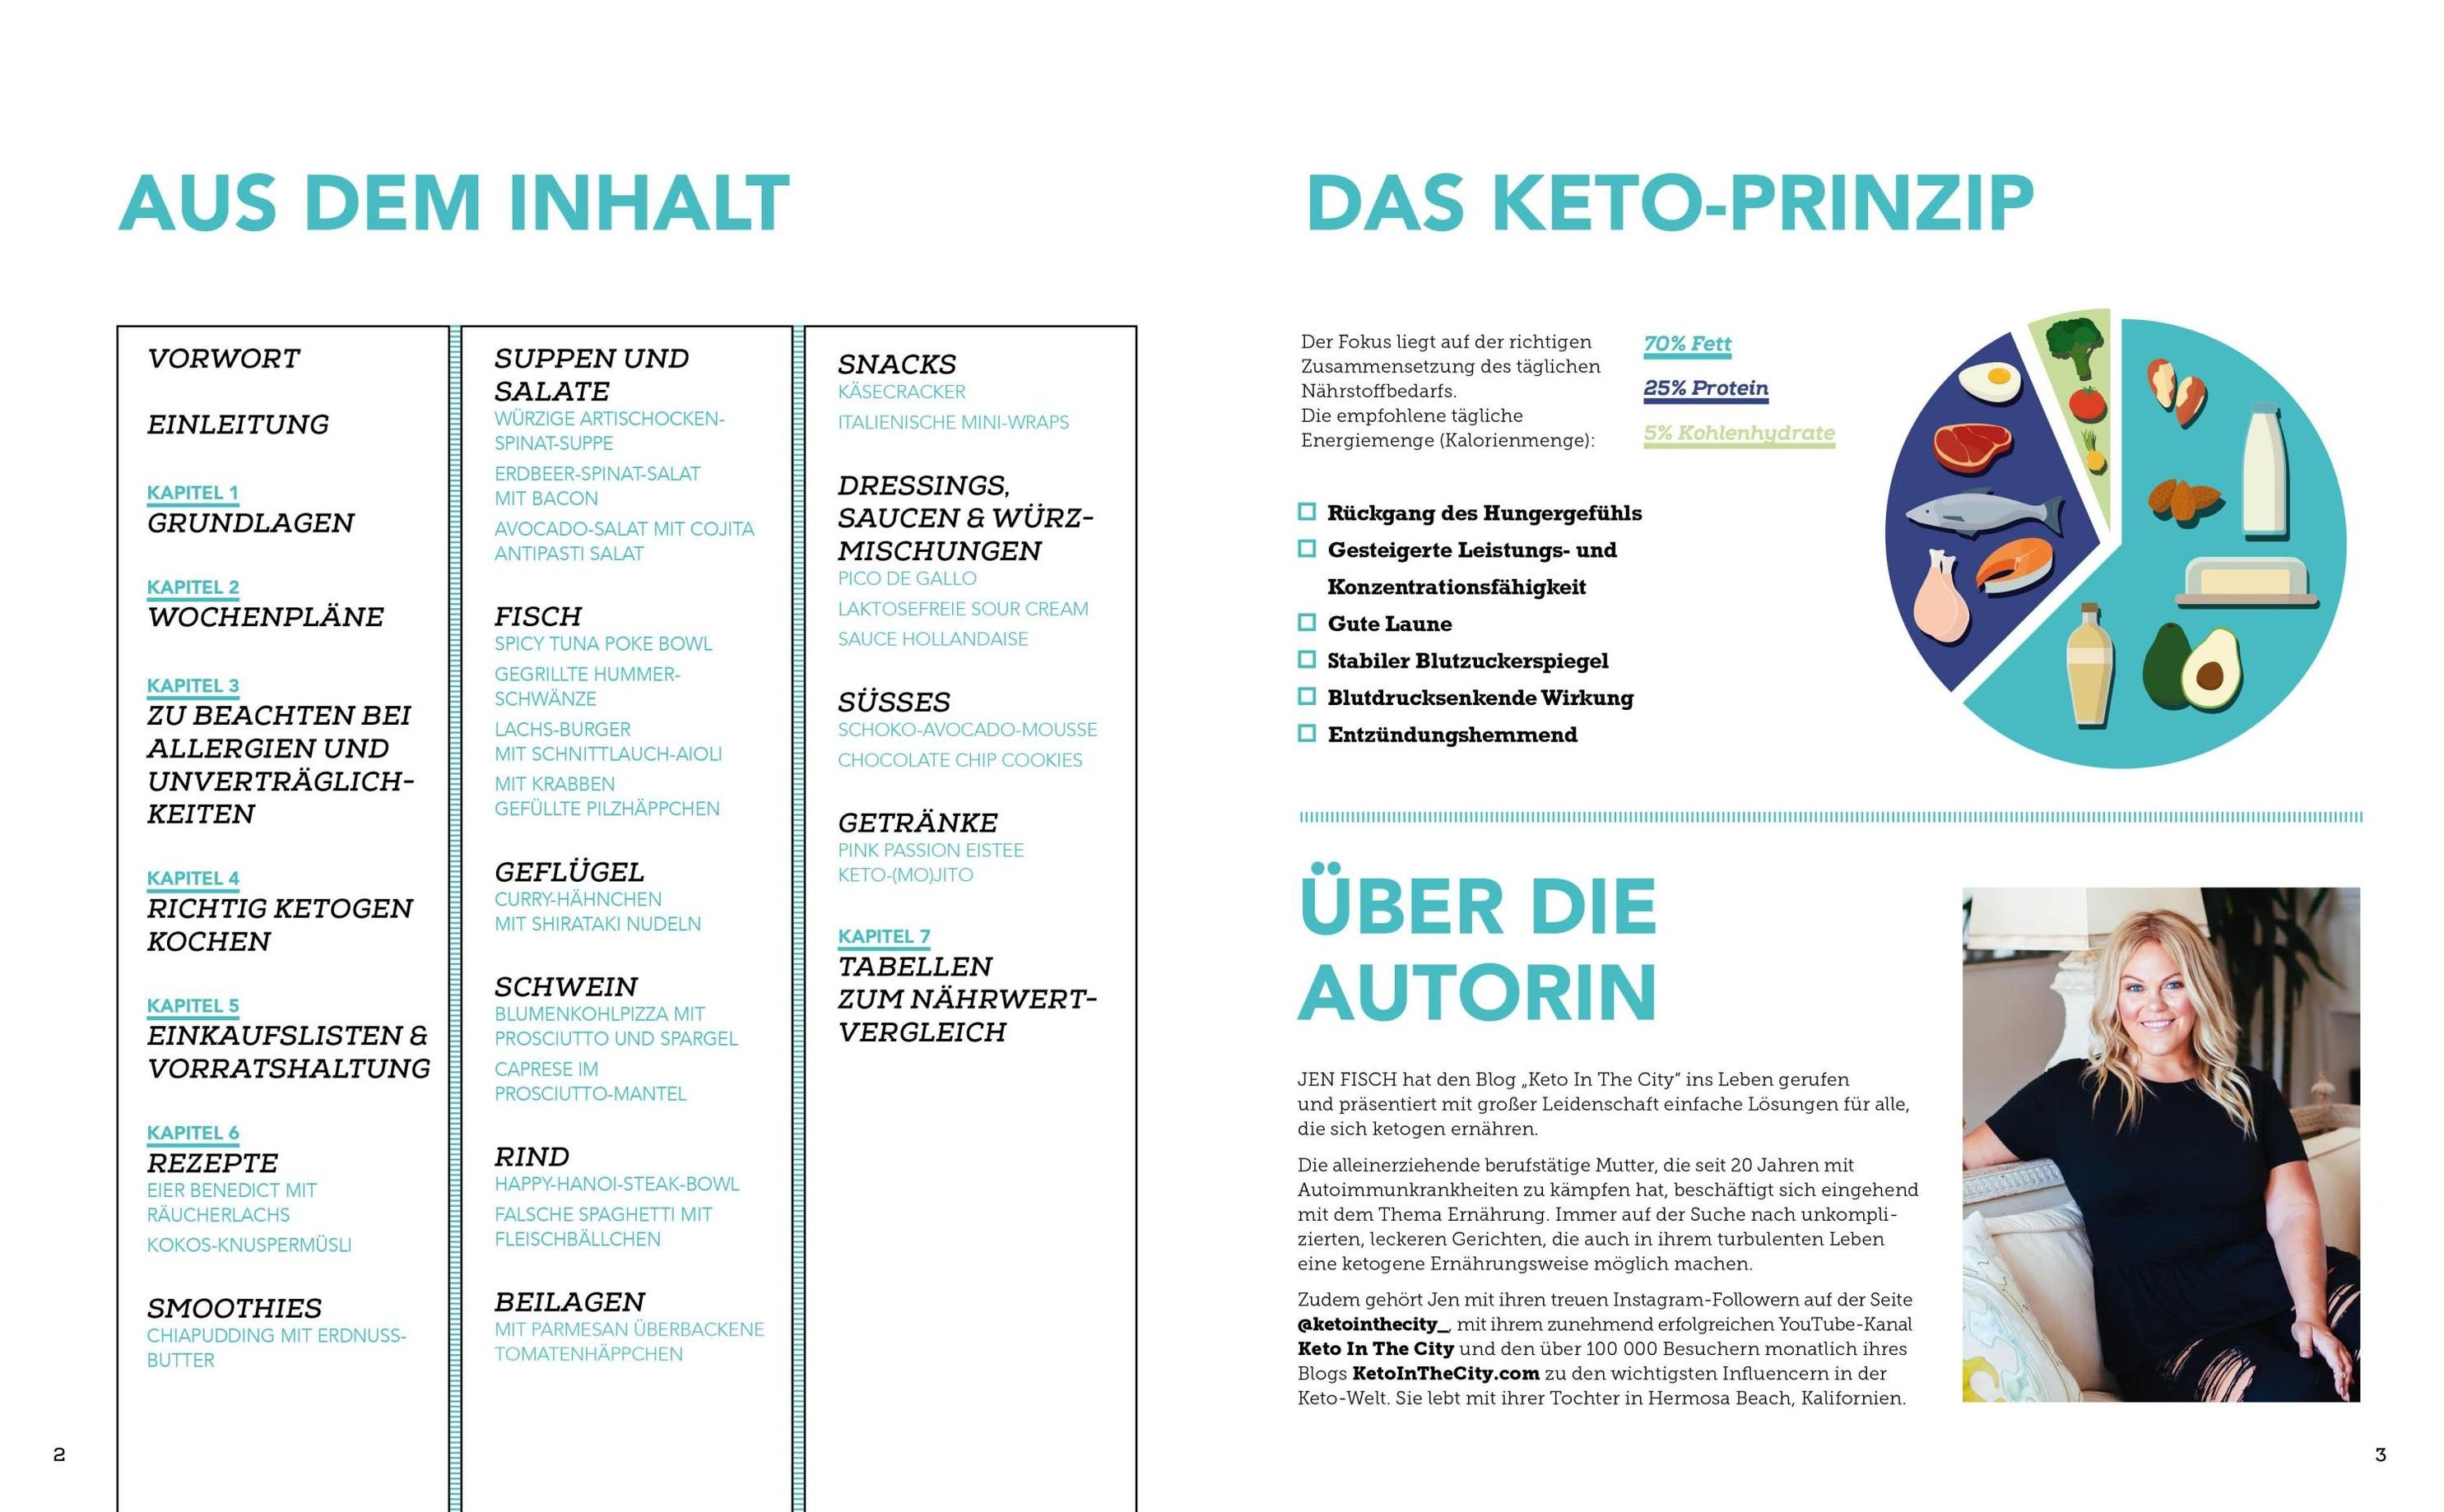 Protein-Shakes für Automarken zur Gewichtsreduktion